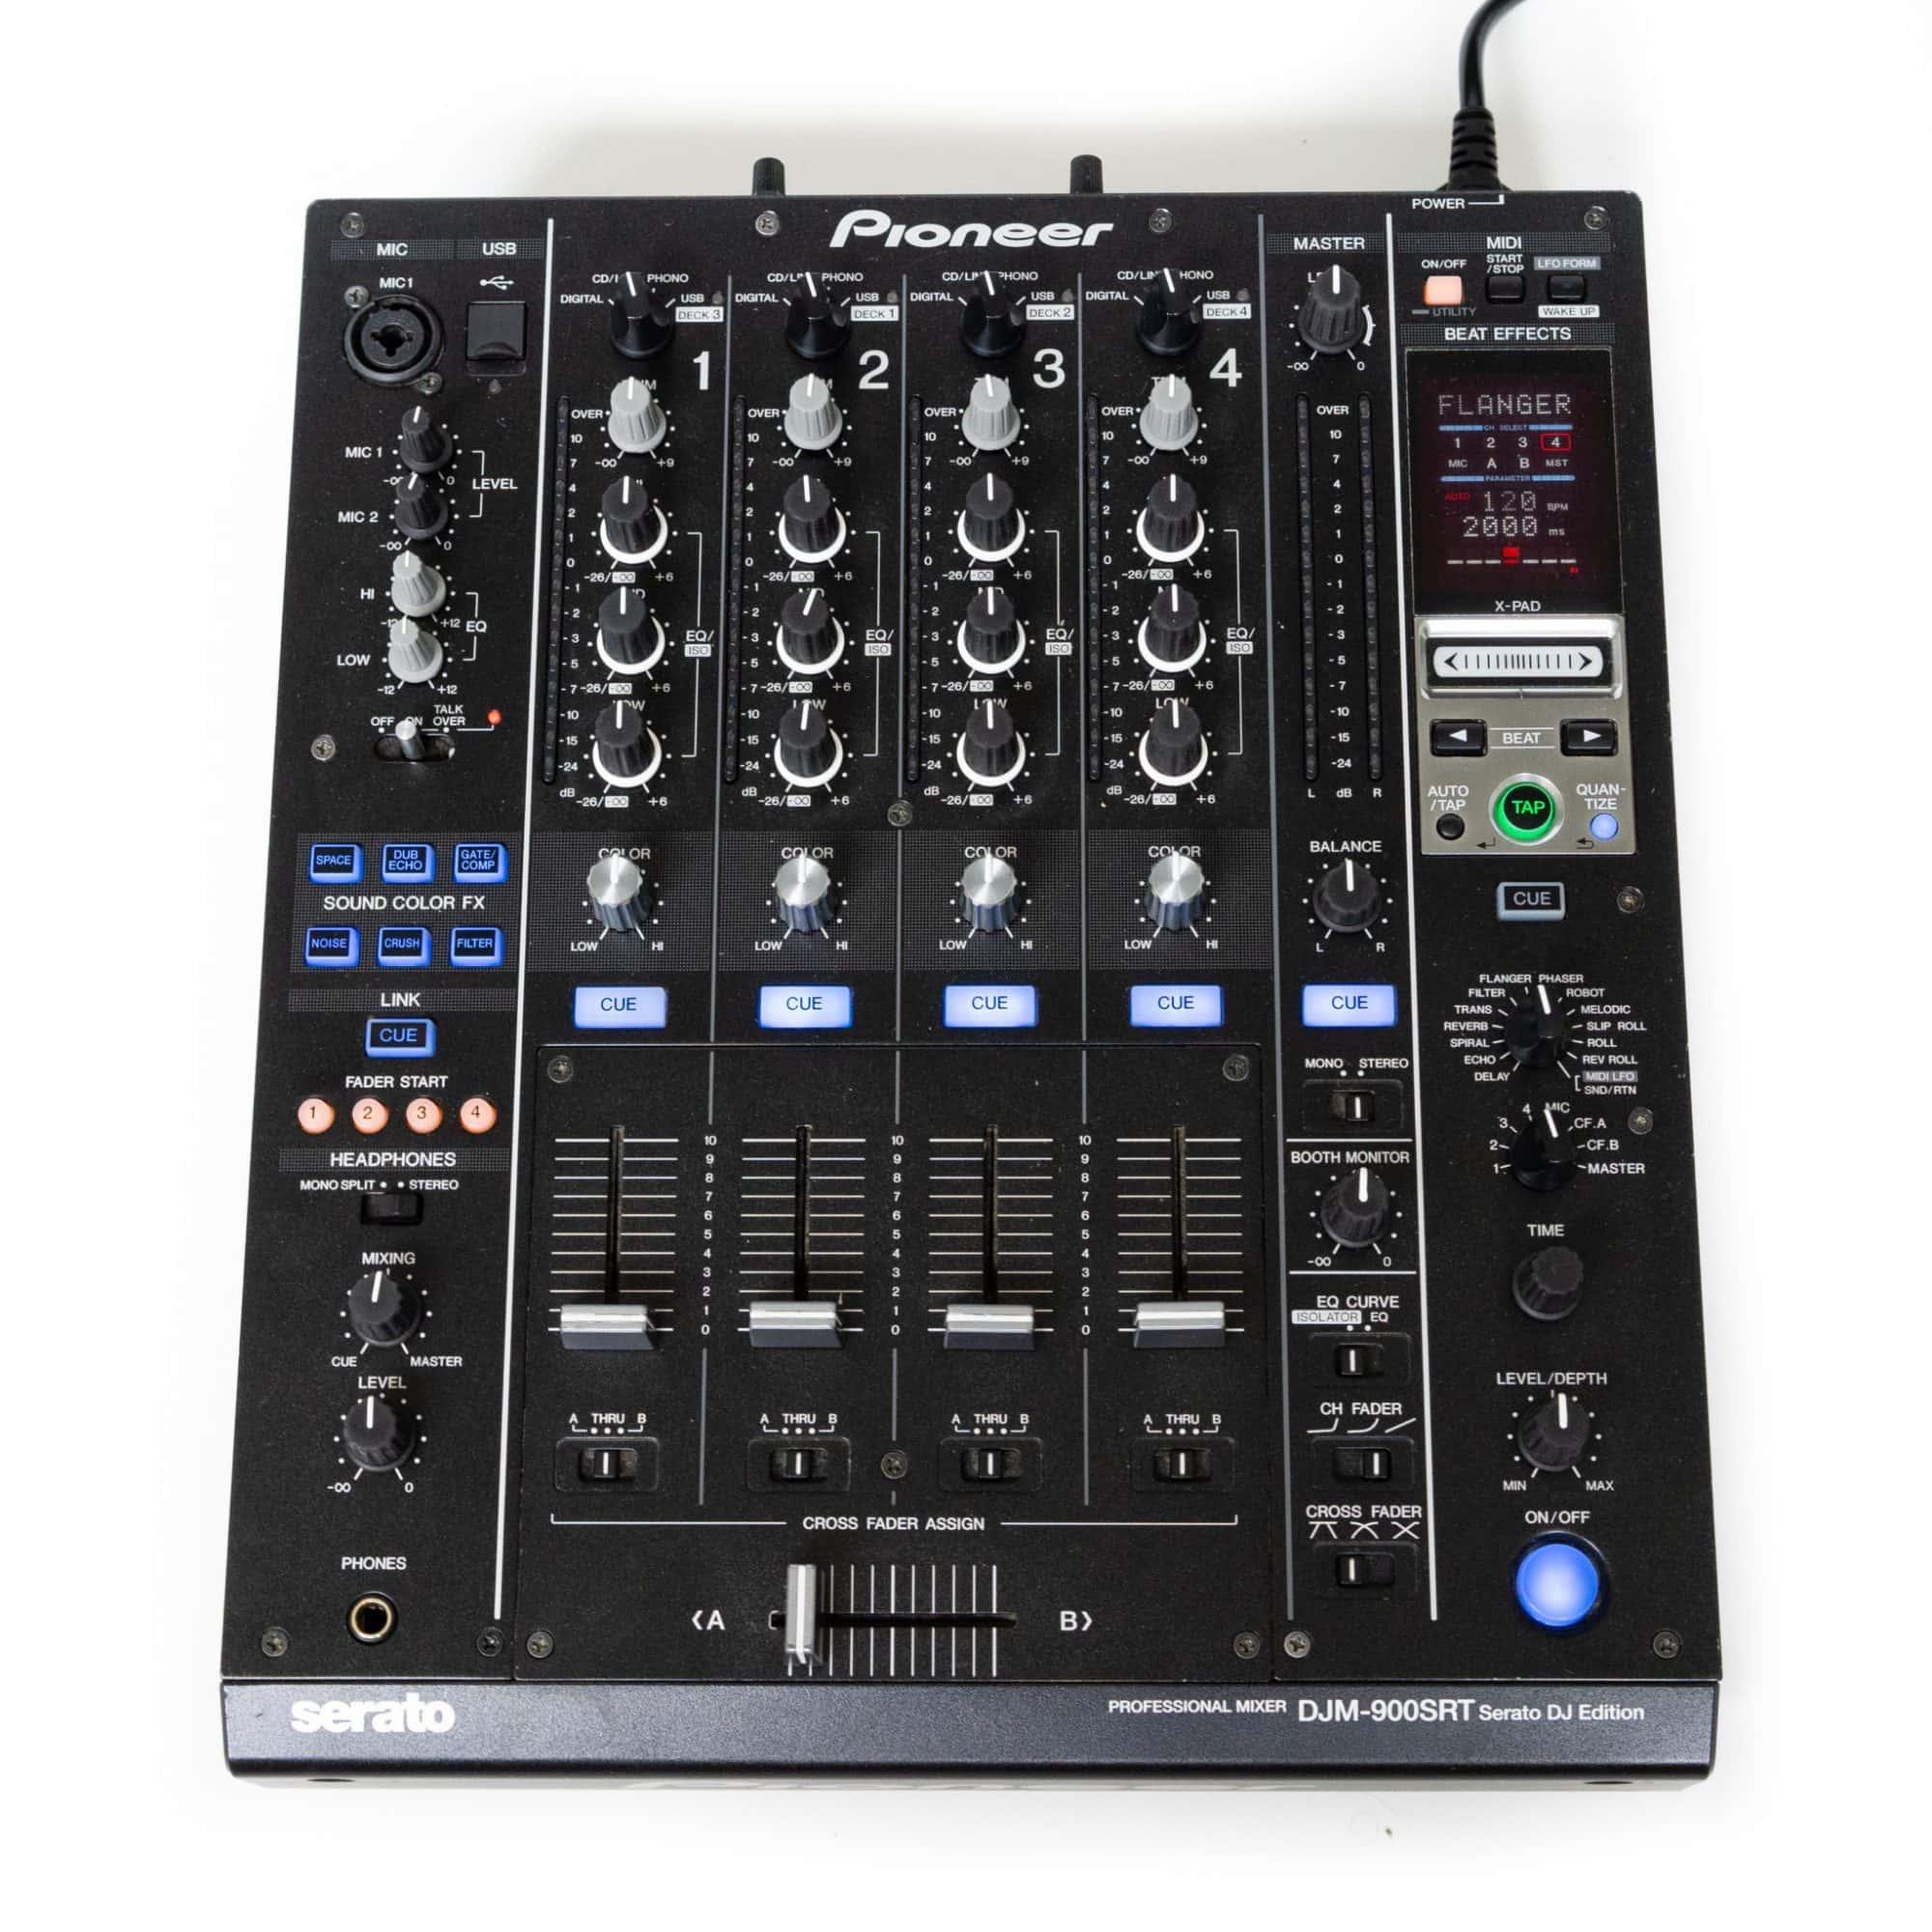 gebraucht kaufen Pioneer DJM 900 SRT